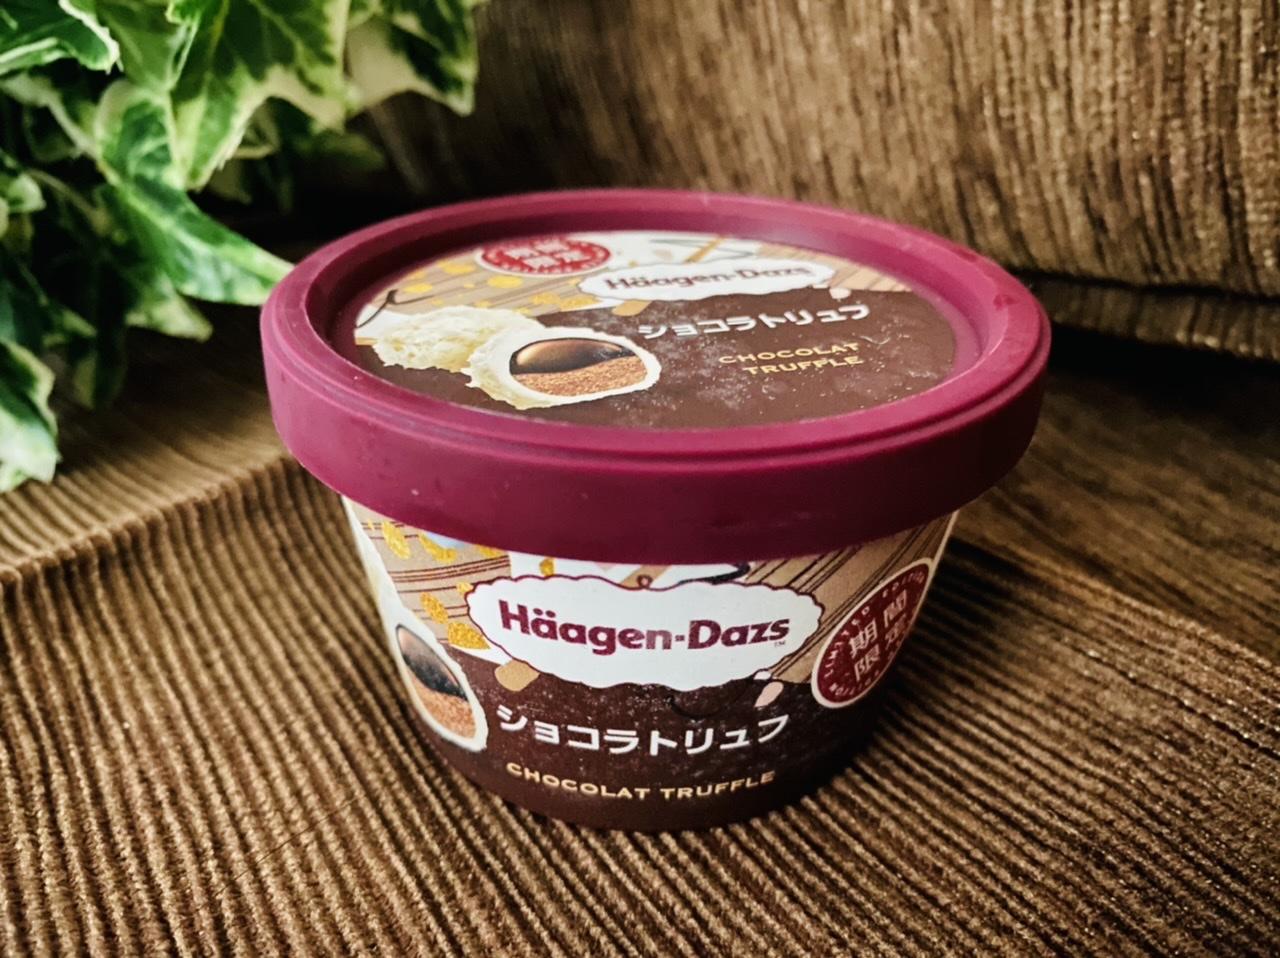 【ハーゲンダッツ】超豪華!3種類のチョコレートが味わえる《ショコラトリュフ》が美味♡_4